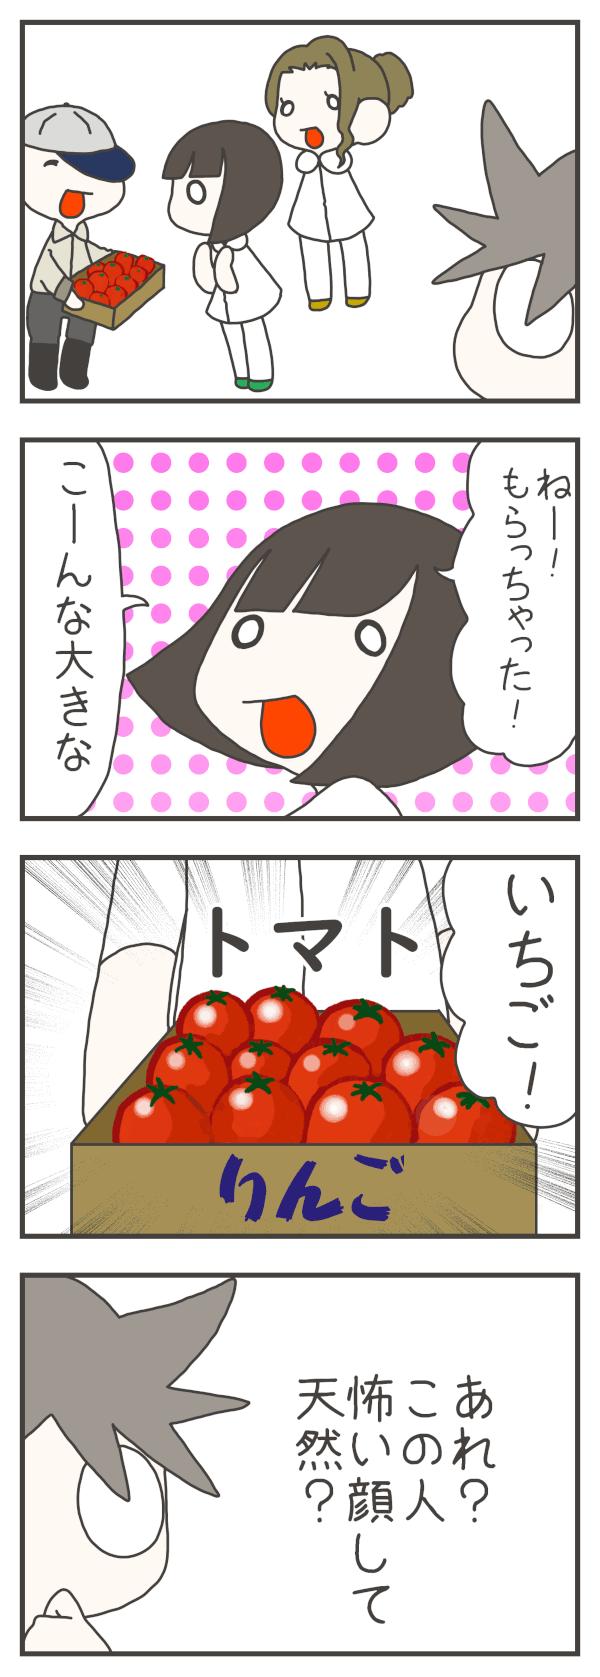 ナスさんもいただきものをもらったときのワカさんがトマトを大きないちごと間違えているのをみて(あれ?この人怖い顔して天然?)と感じたと言いました。